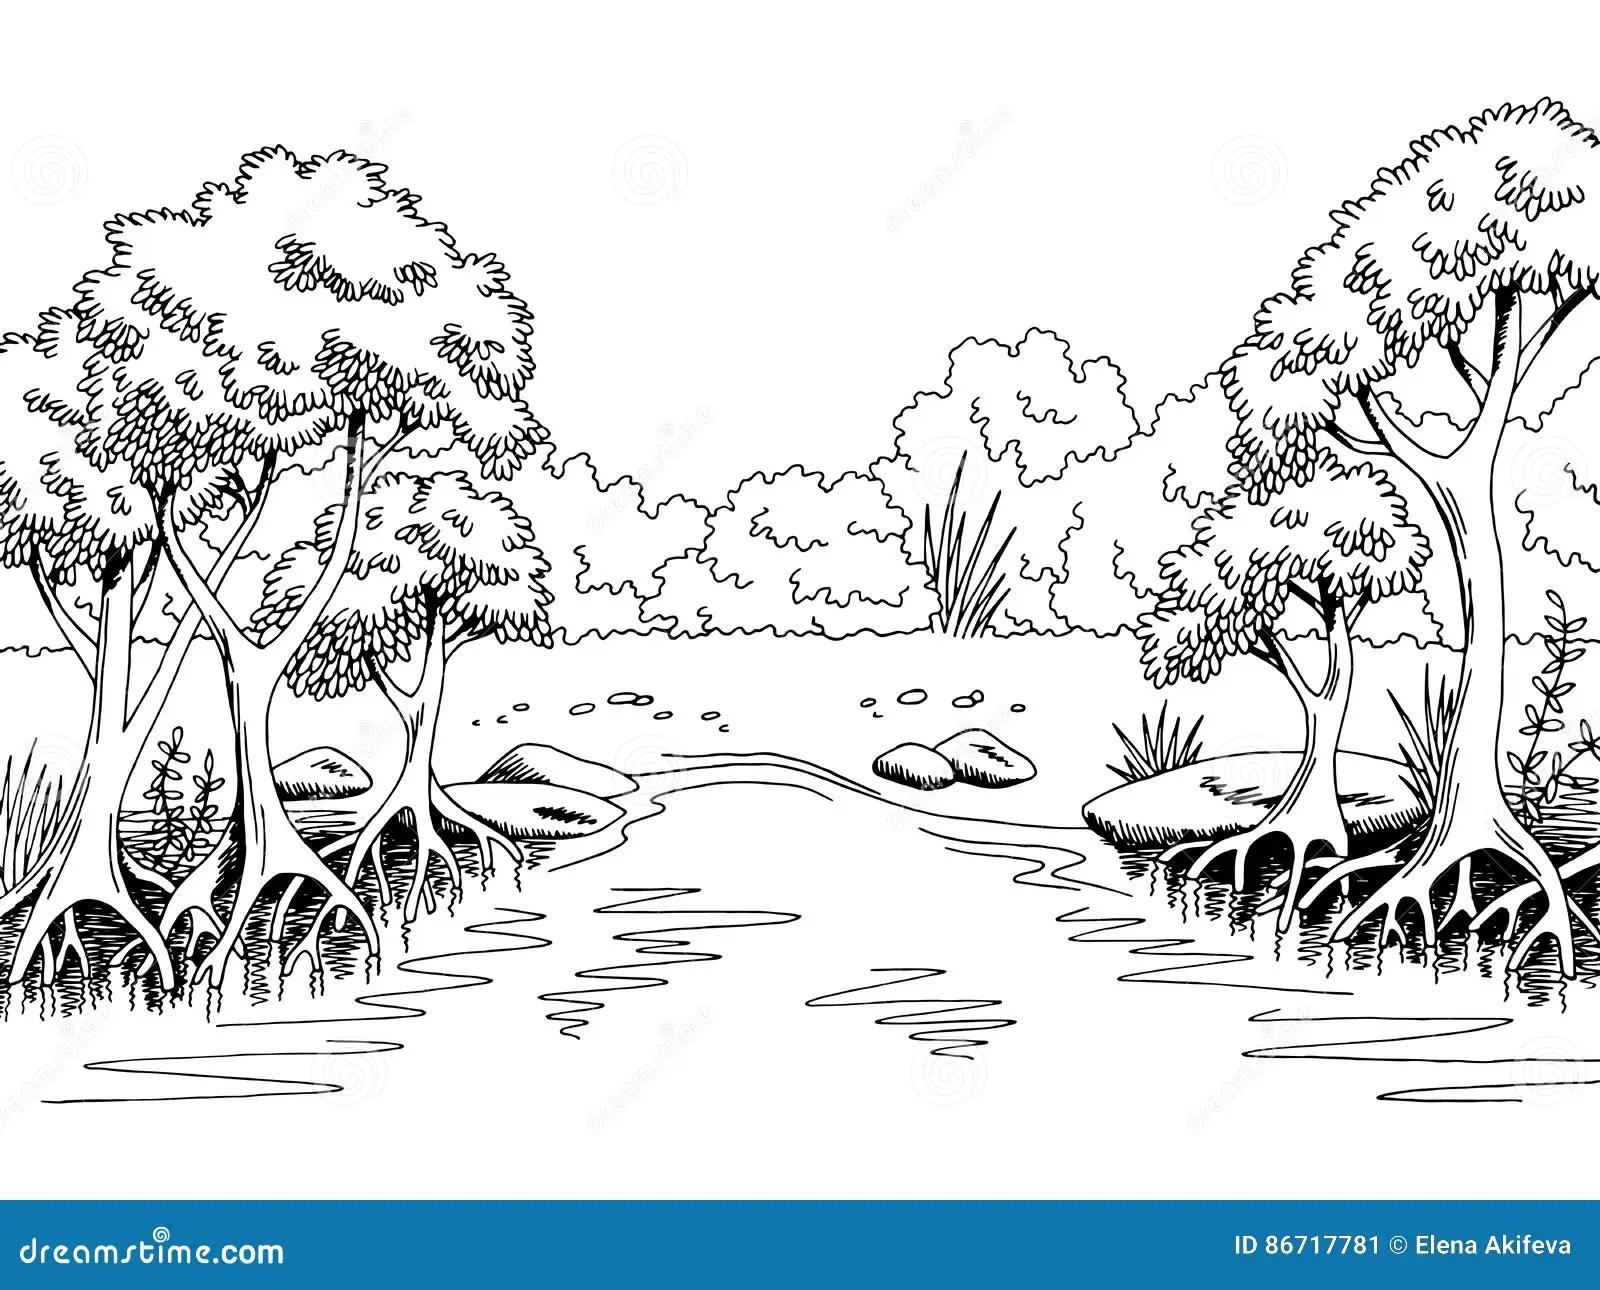 Illustrazione Bianca Nera Grafica Di Schizzo Del Paesaggio